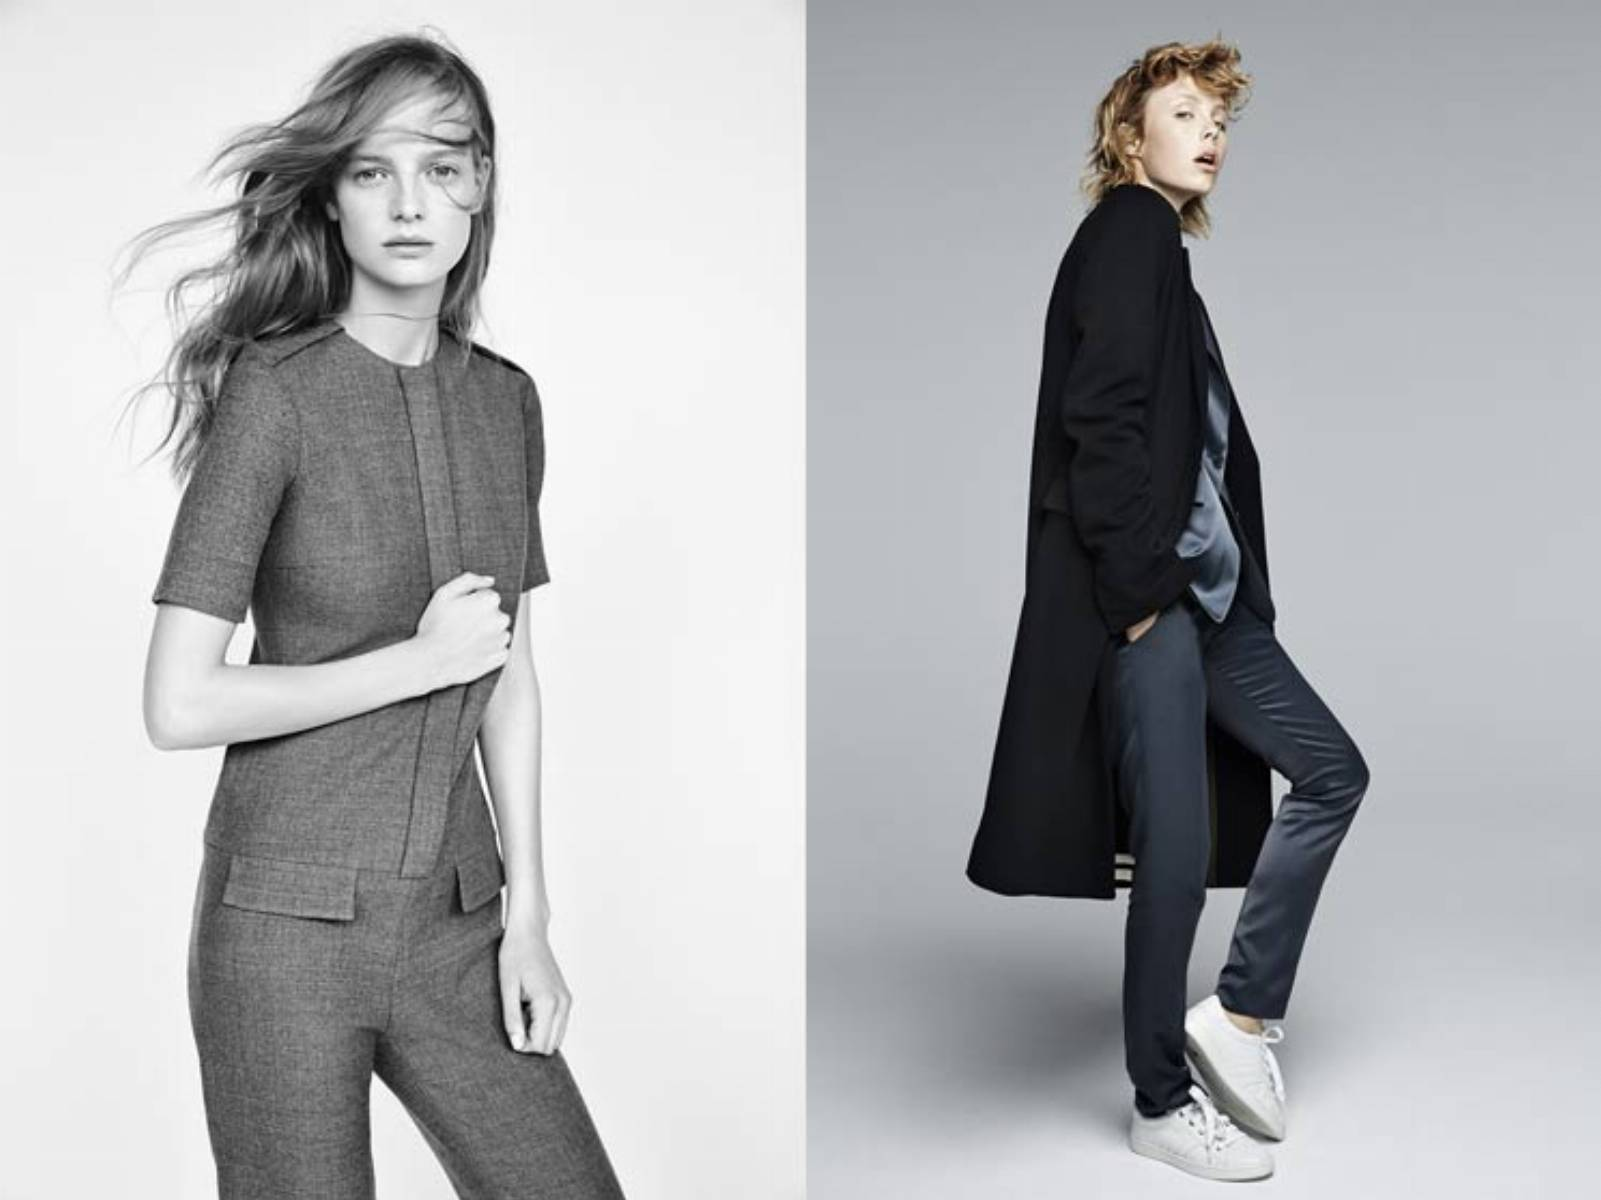 Zara jesien zima 2014 2015 nowa kolekcja (4)